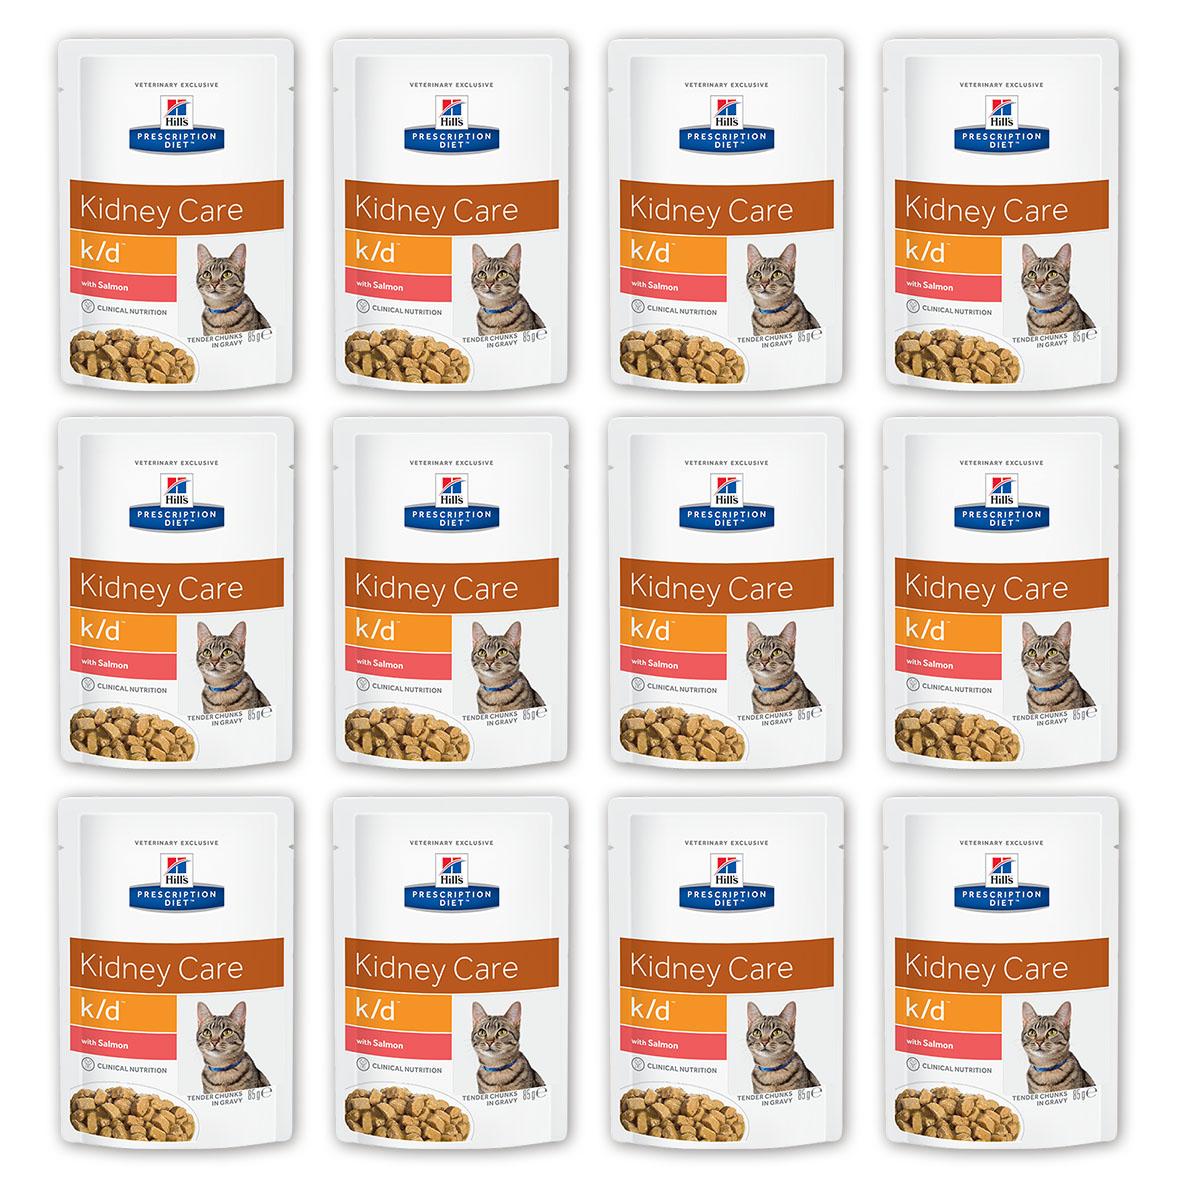 Консервы для кошек Hills Prescription Diet. K/D, при заболевании почек и урологическом синдроме, с лососем, 85 г, 12 шт3410_12Консервы для кошек Hills Prescription Diet. K/D рекомендуются при хронических заболеваниях почек, при заболеваниях сердца, при уратном и цистиновом уролитиазе. Не рекомендуется котятам, беременным и кормящим кошкам, кошкам с дефицитом натрия в организме. В 2-х летнем исследовании клинически доказано что у кошек, питавшихся рационом Hills Prescription Diet k/d Feline, значительно реже отмечались эпизоды уремии и снижался уровень смертности. Ключевые преимущества: - Сниженное содержание фосфора помогает замедлить развитие заболевания почек. - Контролируемое содержание протеина помогает снизить накопление токсичных продуктов белкового обмена, в то же время удовлетворяя потребность организма в протеинах. Уменьшает концентрацию в моче компонентов уратных и цистиновых уролитов. - Повышенное содержание непротеиновых калорий помогает обеспечить поступление энергии и не допускает катаболизма протеинов. - Повышенная буферная емкость...